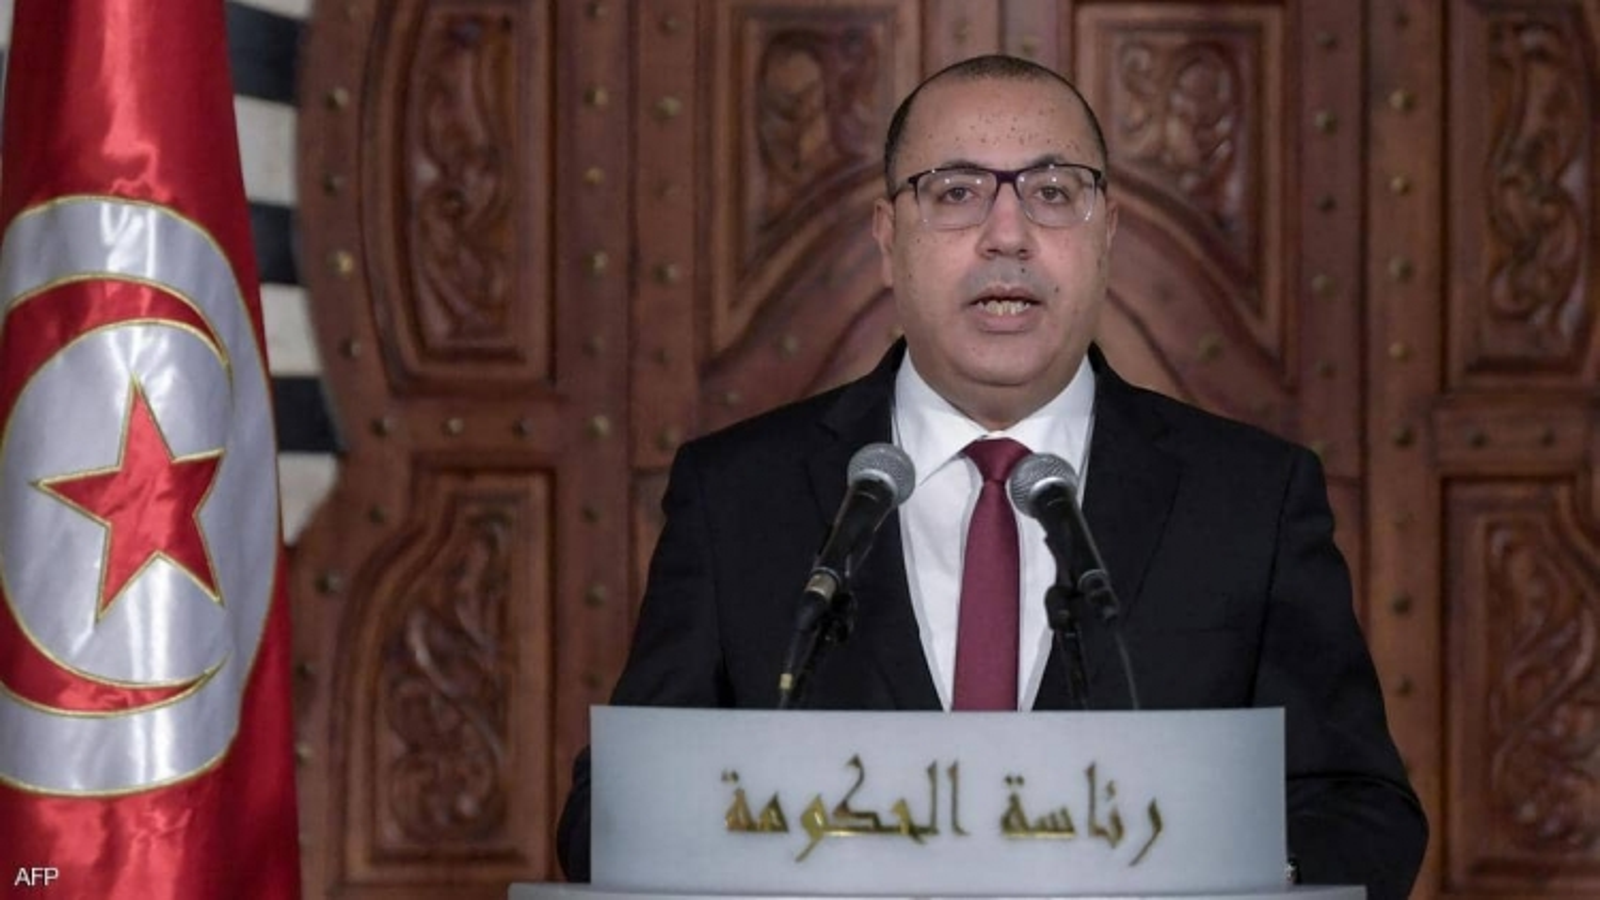 Thủ tướng Tunisia miễn nhiệm 5 Bộ trưởng vừa được Quốc hội phê chuẩn